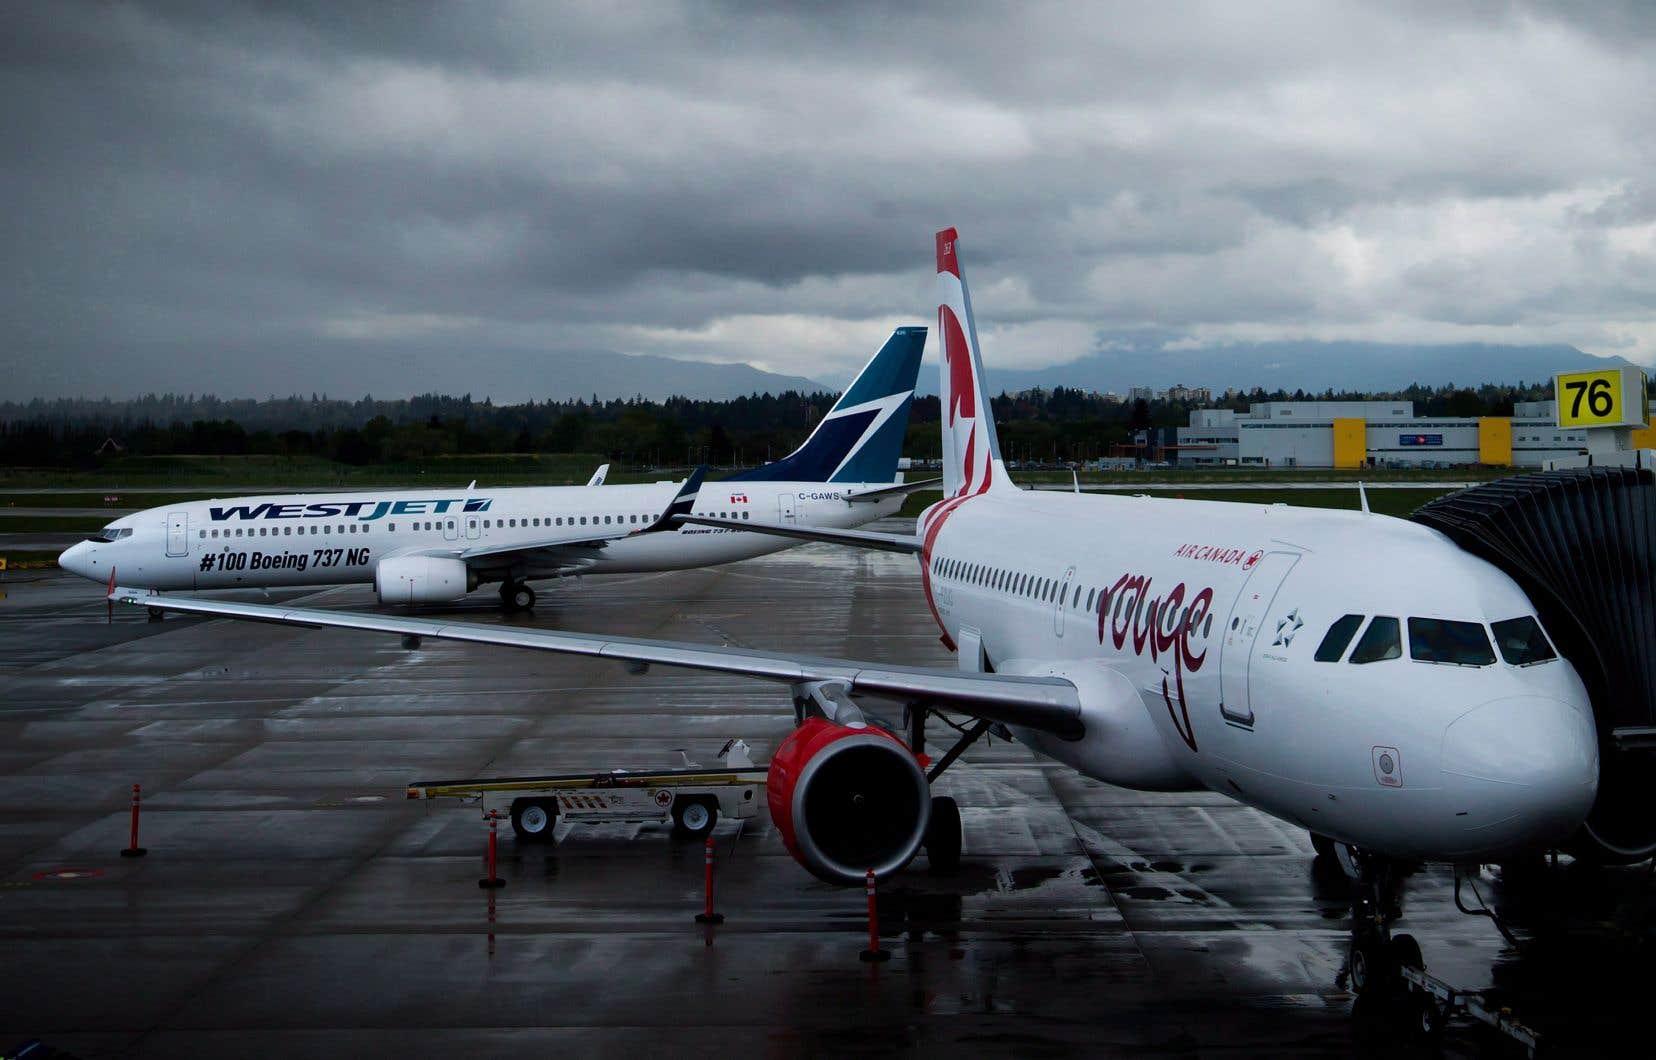 <p>En cas de défaillances mécaniques, le transporteur ne sera pas dans l'obligation d'offrir une compensation à ses passagers pour le dérangement.Or, les problèmes mécaniques figurent parmi les raisons les plus invoquées par Air Transat et Air Canada pour expliquer un retard ou l'annulation d'un vol.</p>